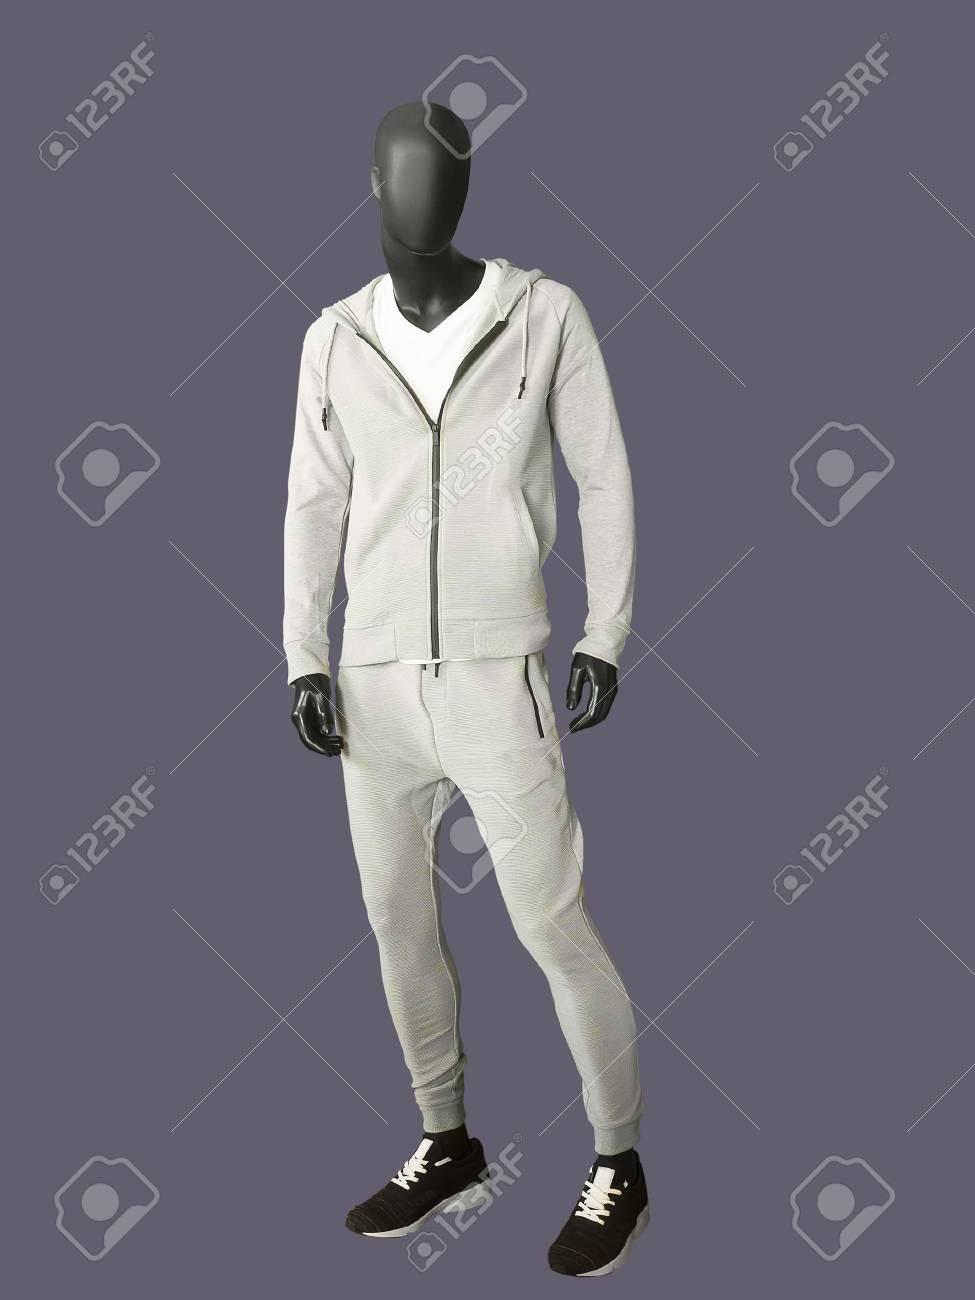 Mannequin Homme Complet Portant Des Vetements De Sport Isole Aucun Nom De Marque Ou Objet De Copyright Banque D Images Et Photos Libres De Droits Image 90099686